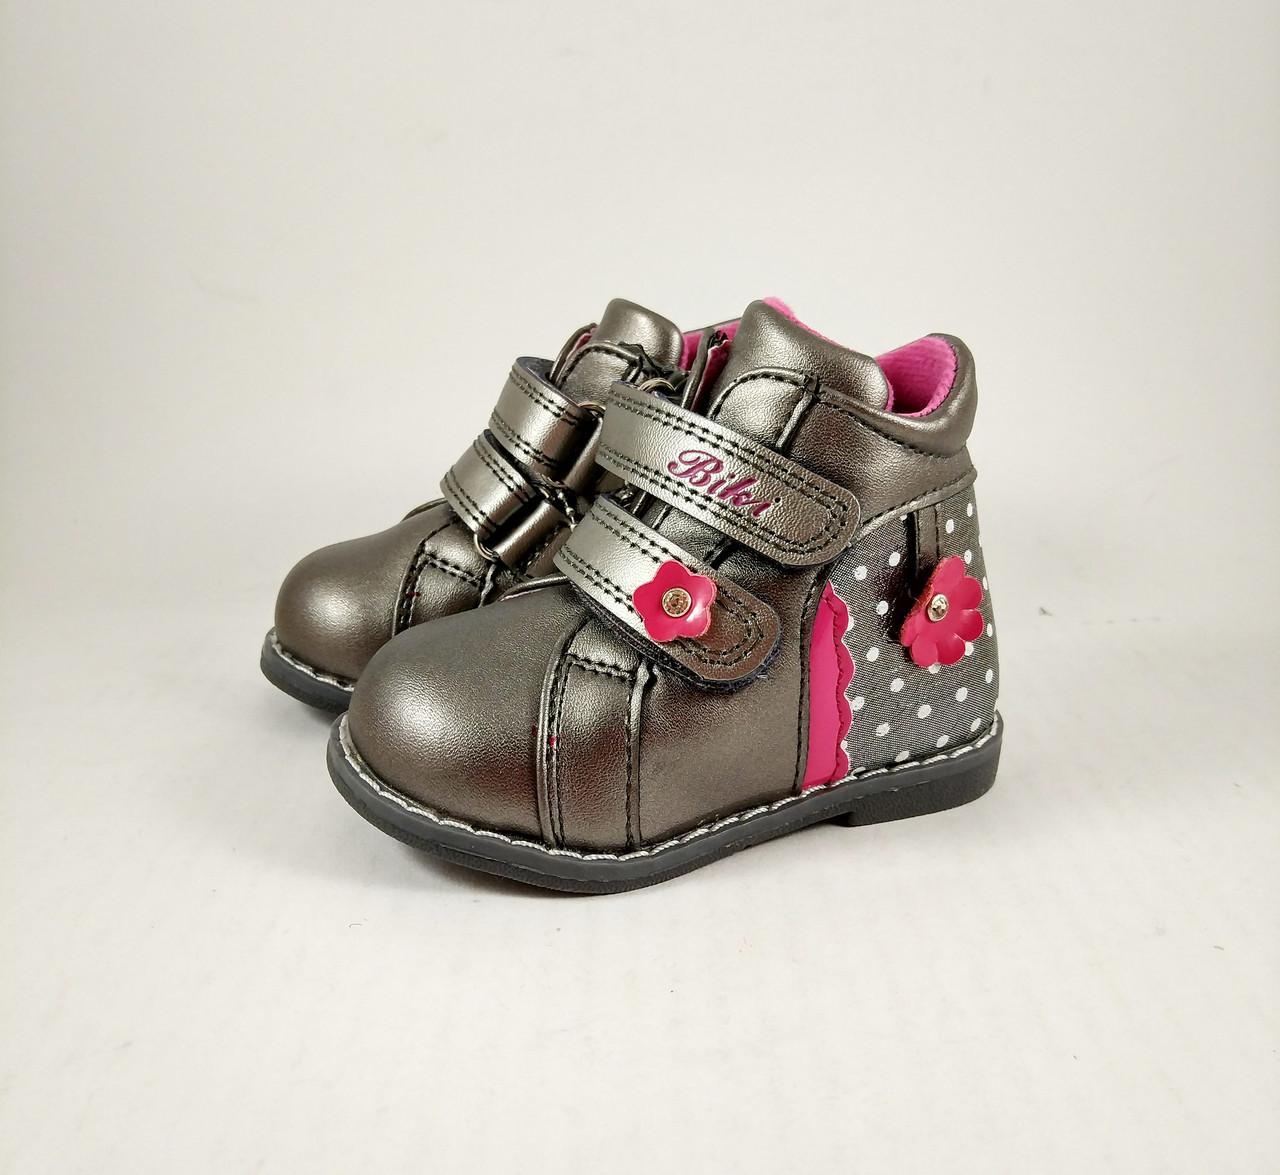 0a3e8016e Ботинки для девочек, обувь детская купить - mioBambino Интернет магазин  детской обуви в Днепре